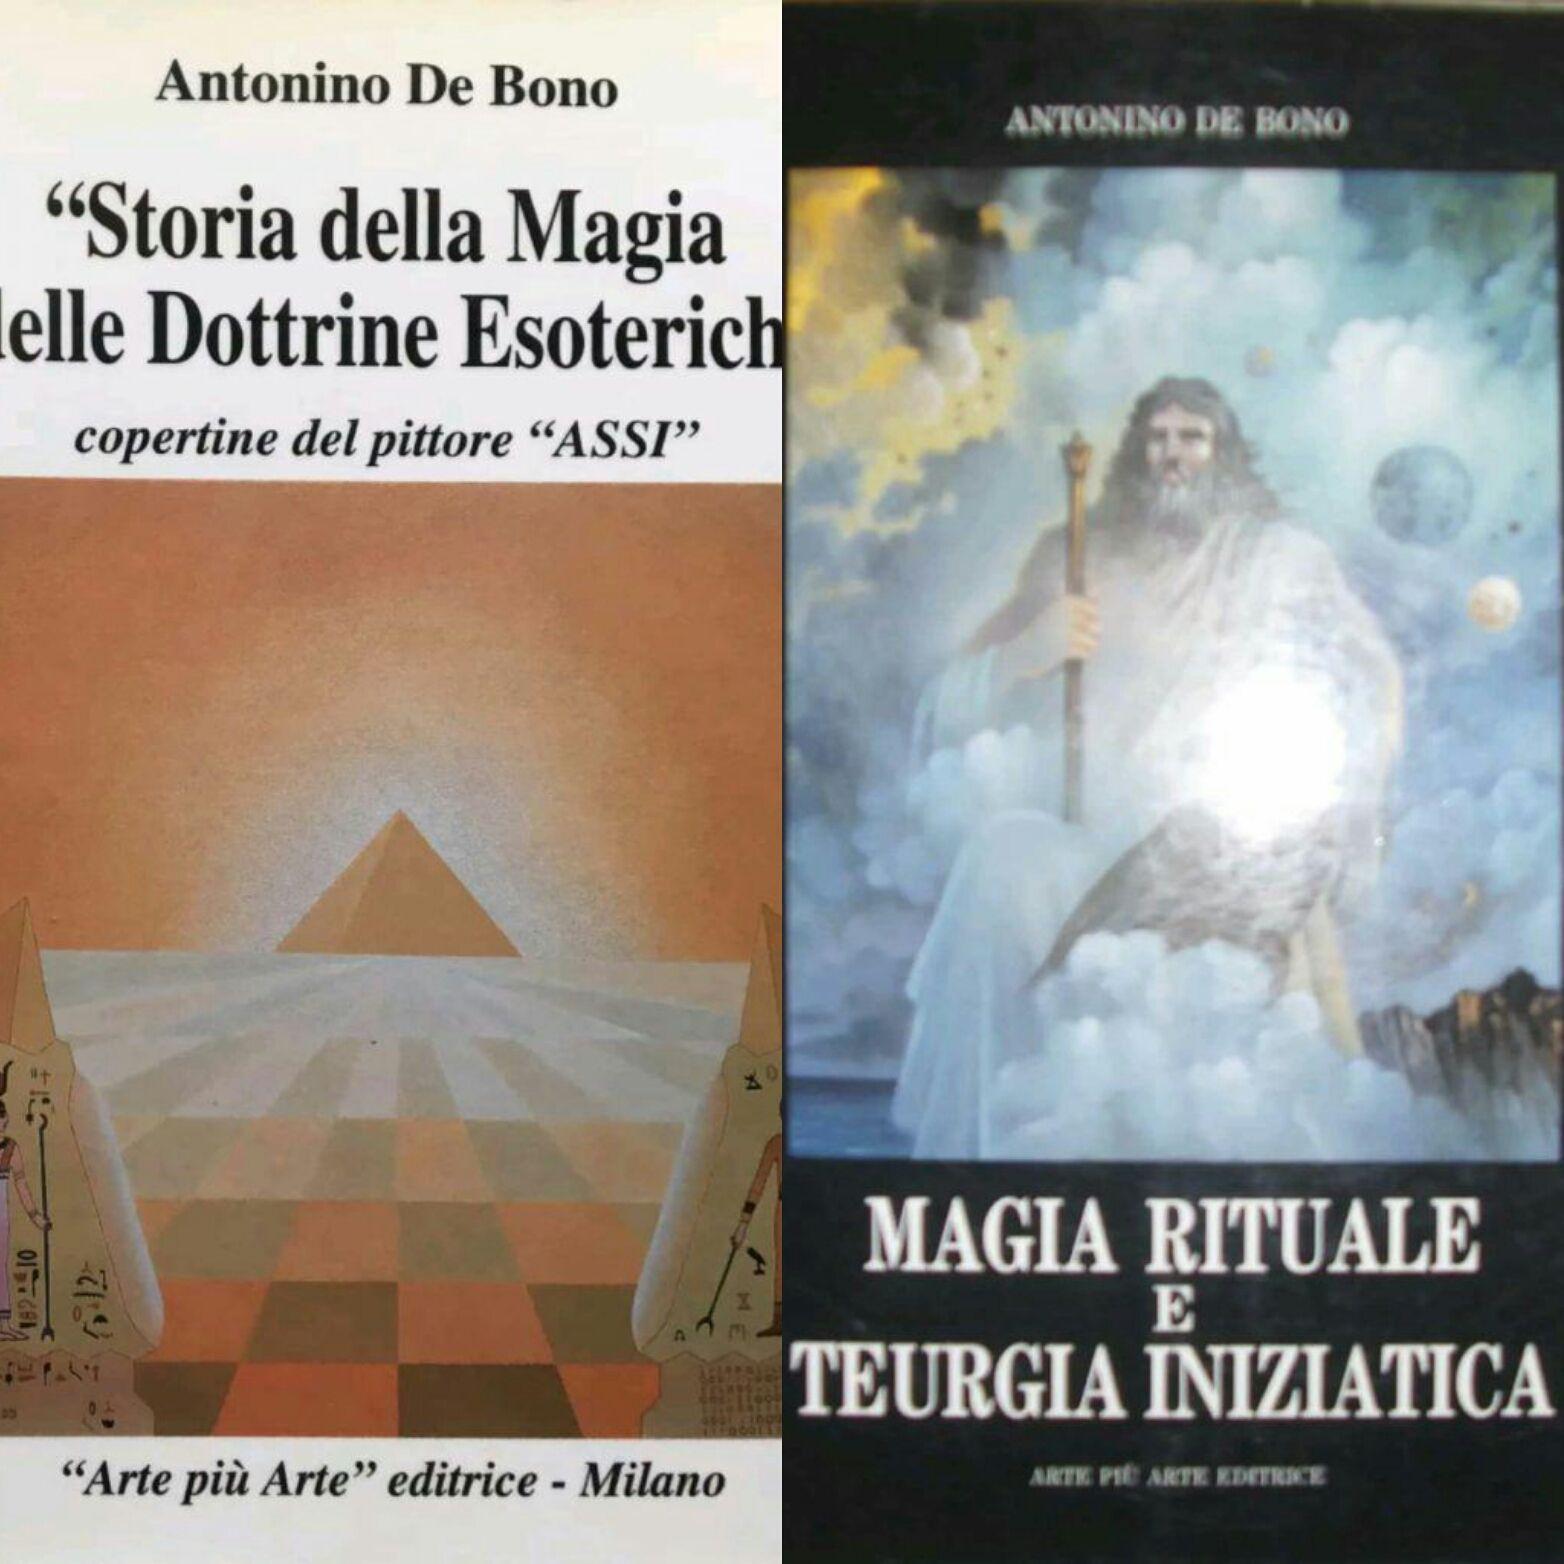 …su eBay ci sono due libri esoterici molto rari di Antonino De Bono